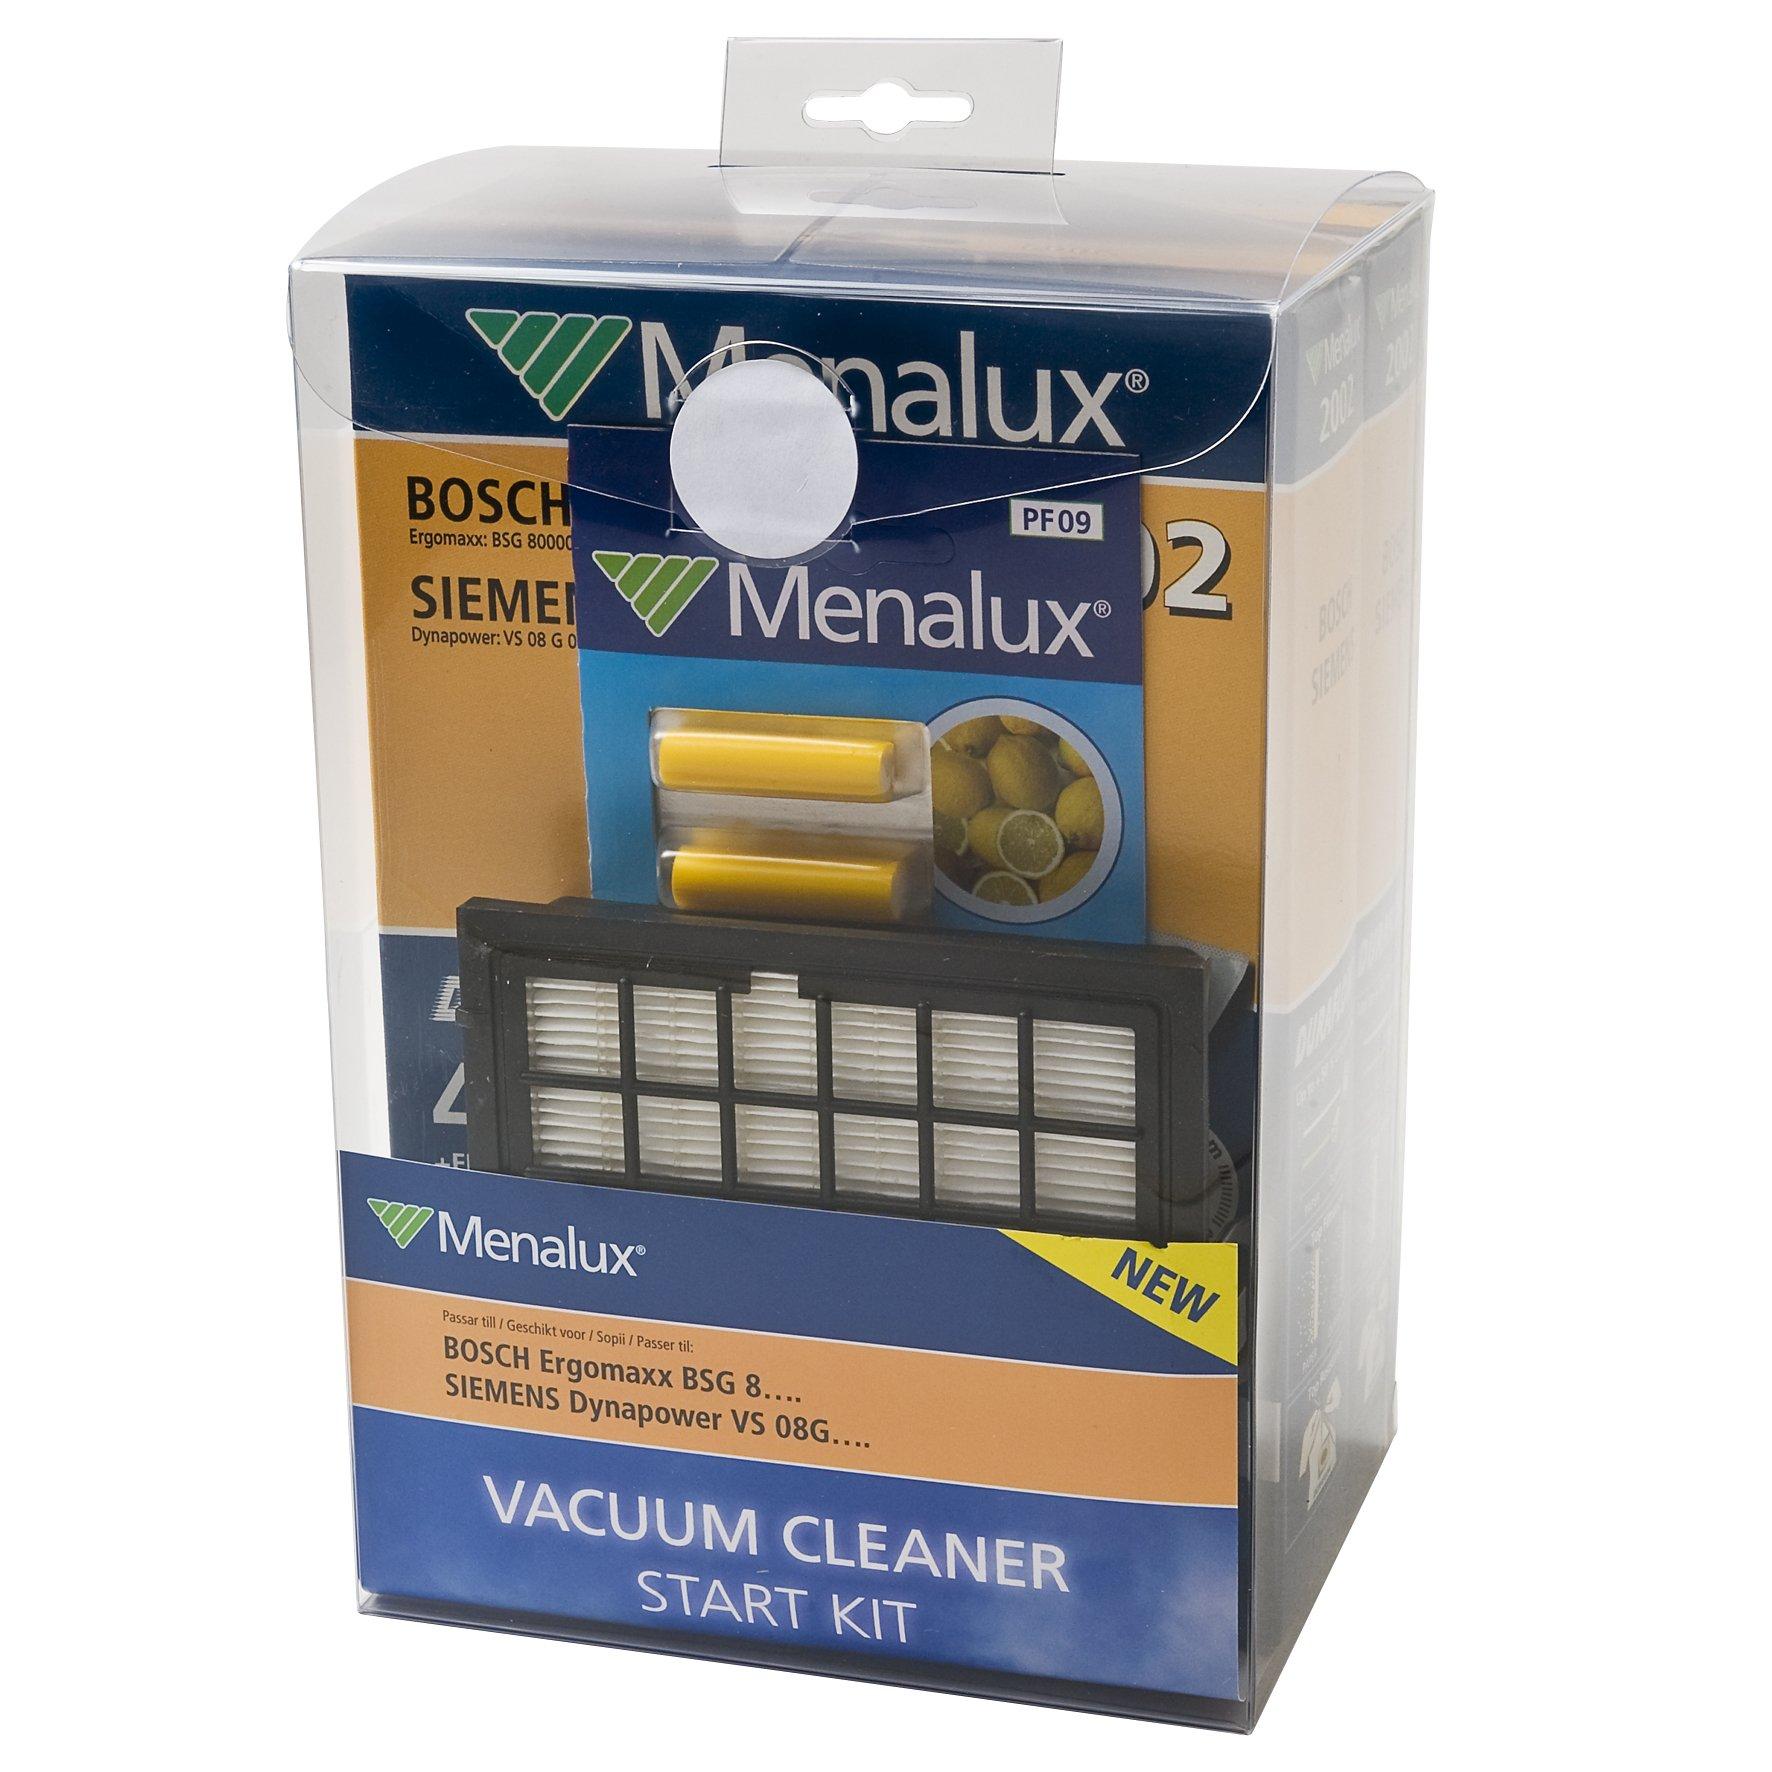 Menalux MSK 1 Economy Pack / 8 Vacuum Cleaner Bags Duraflow / 1 Hepa 12 Filter/Fragrance Sticks PF09 Lemon/Bosch BSG 8 / Siemens VS08G